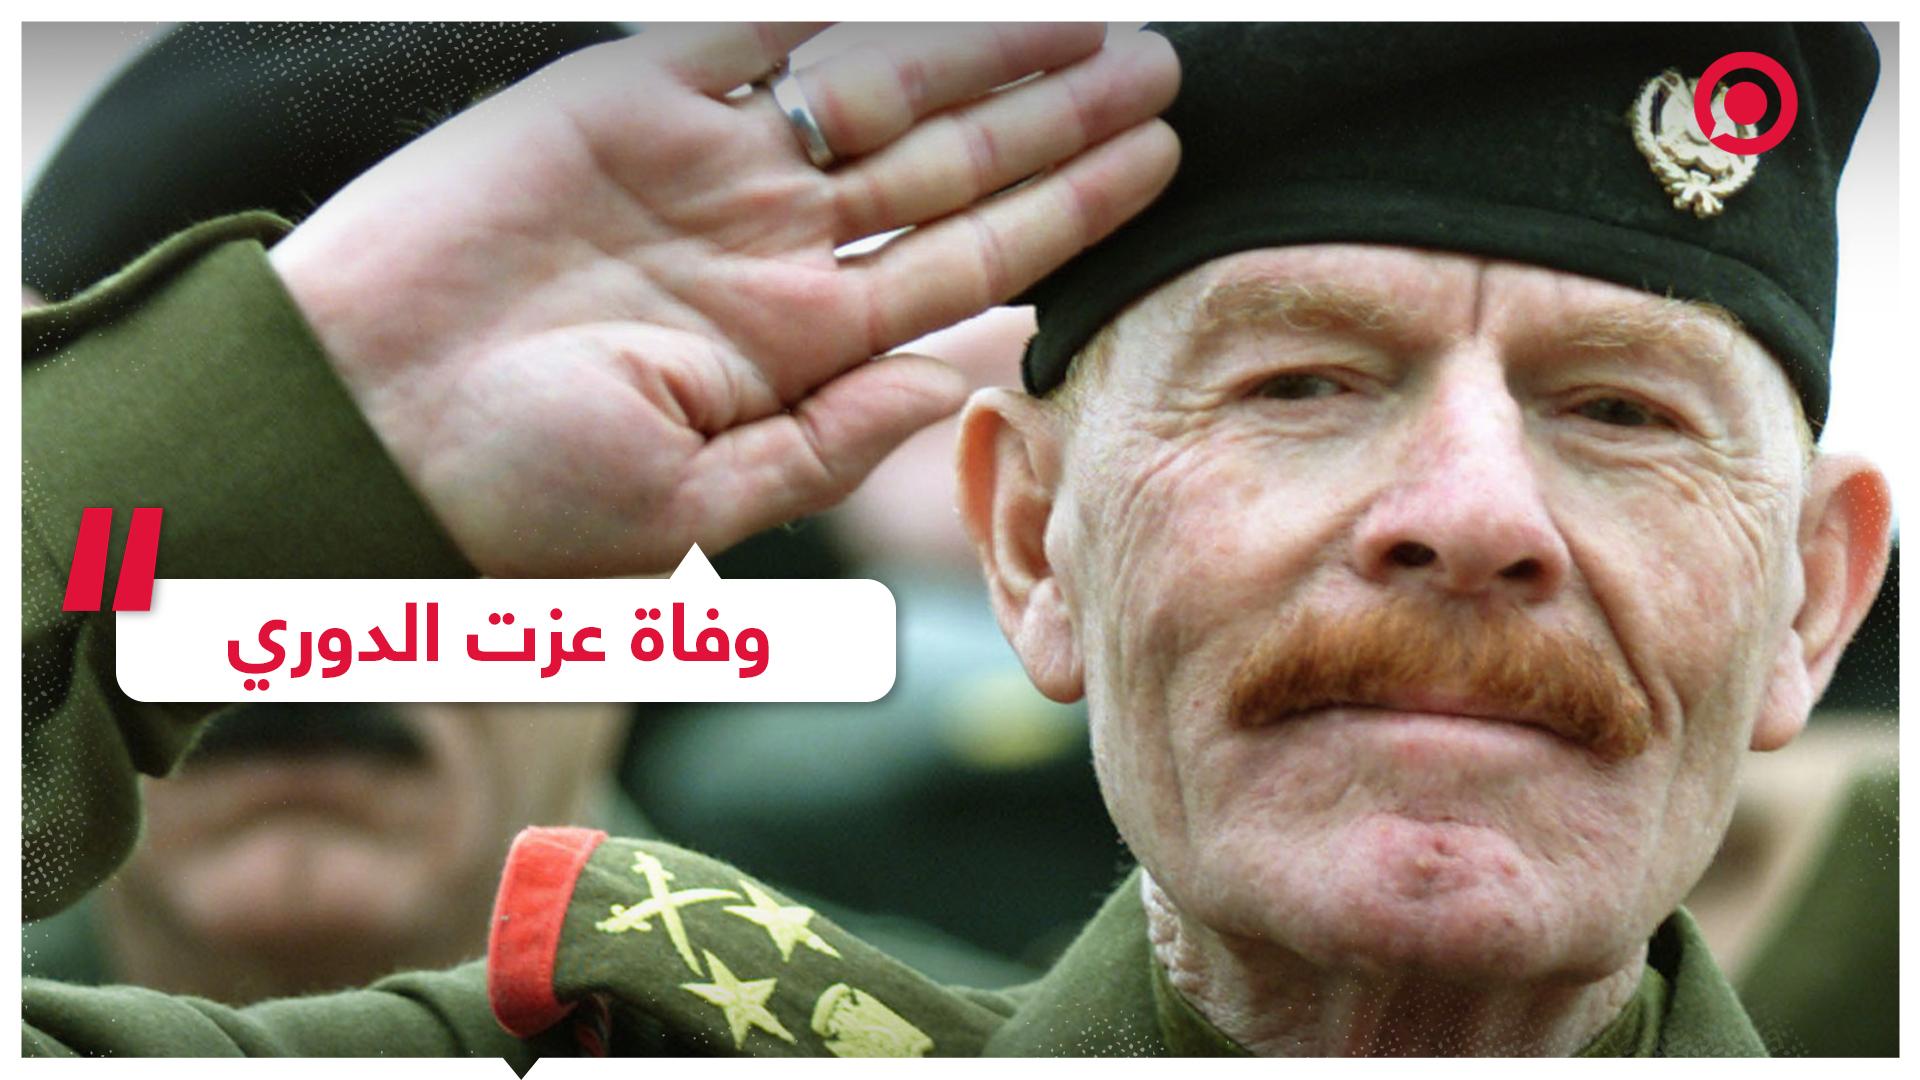 العراق .. مواقع تابعة لحزب البعث تعلن وفاة عزت الدوري